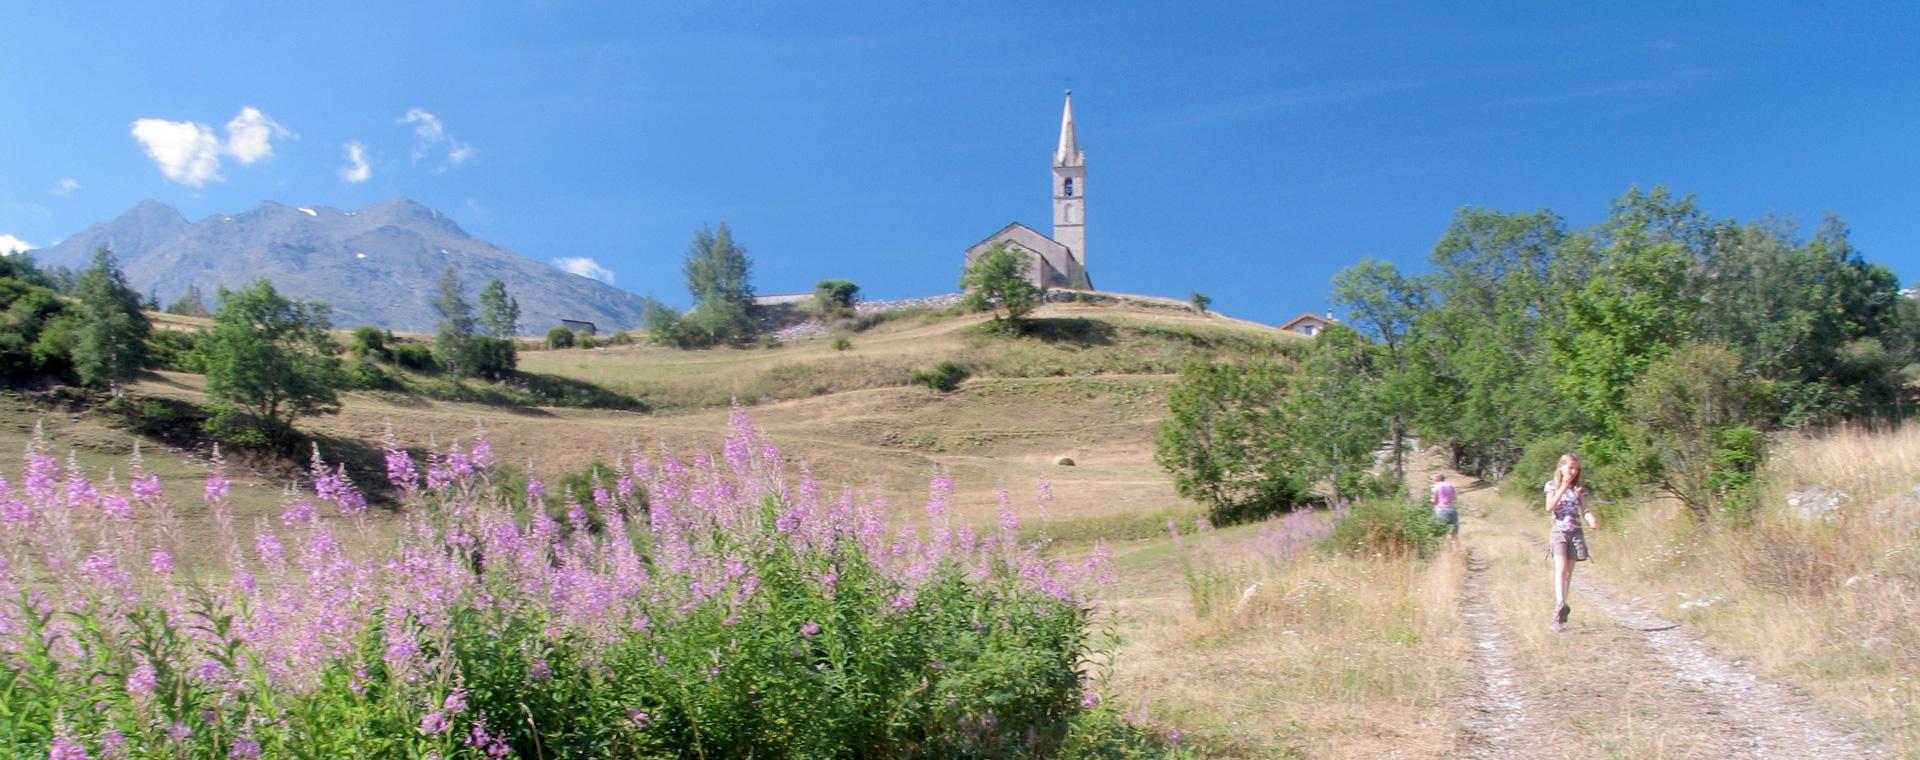 Voyage à pied : Savoie : Le Chemin du Petit Bonheur